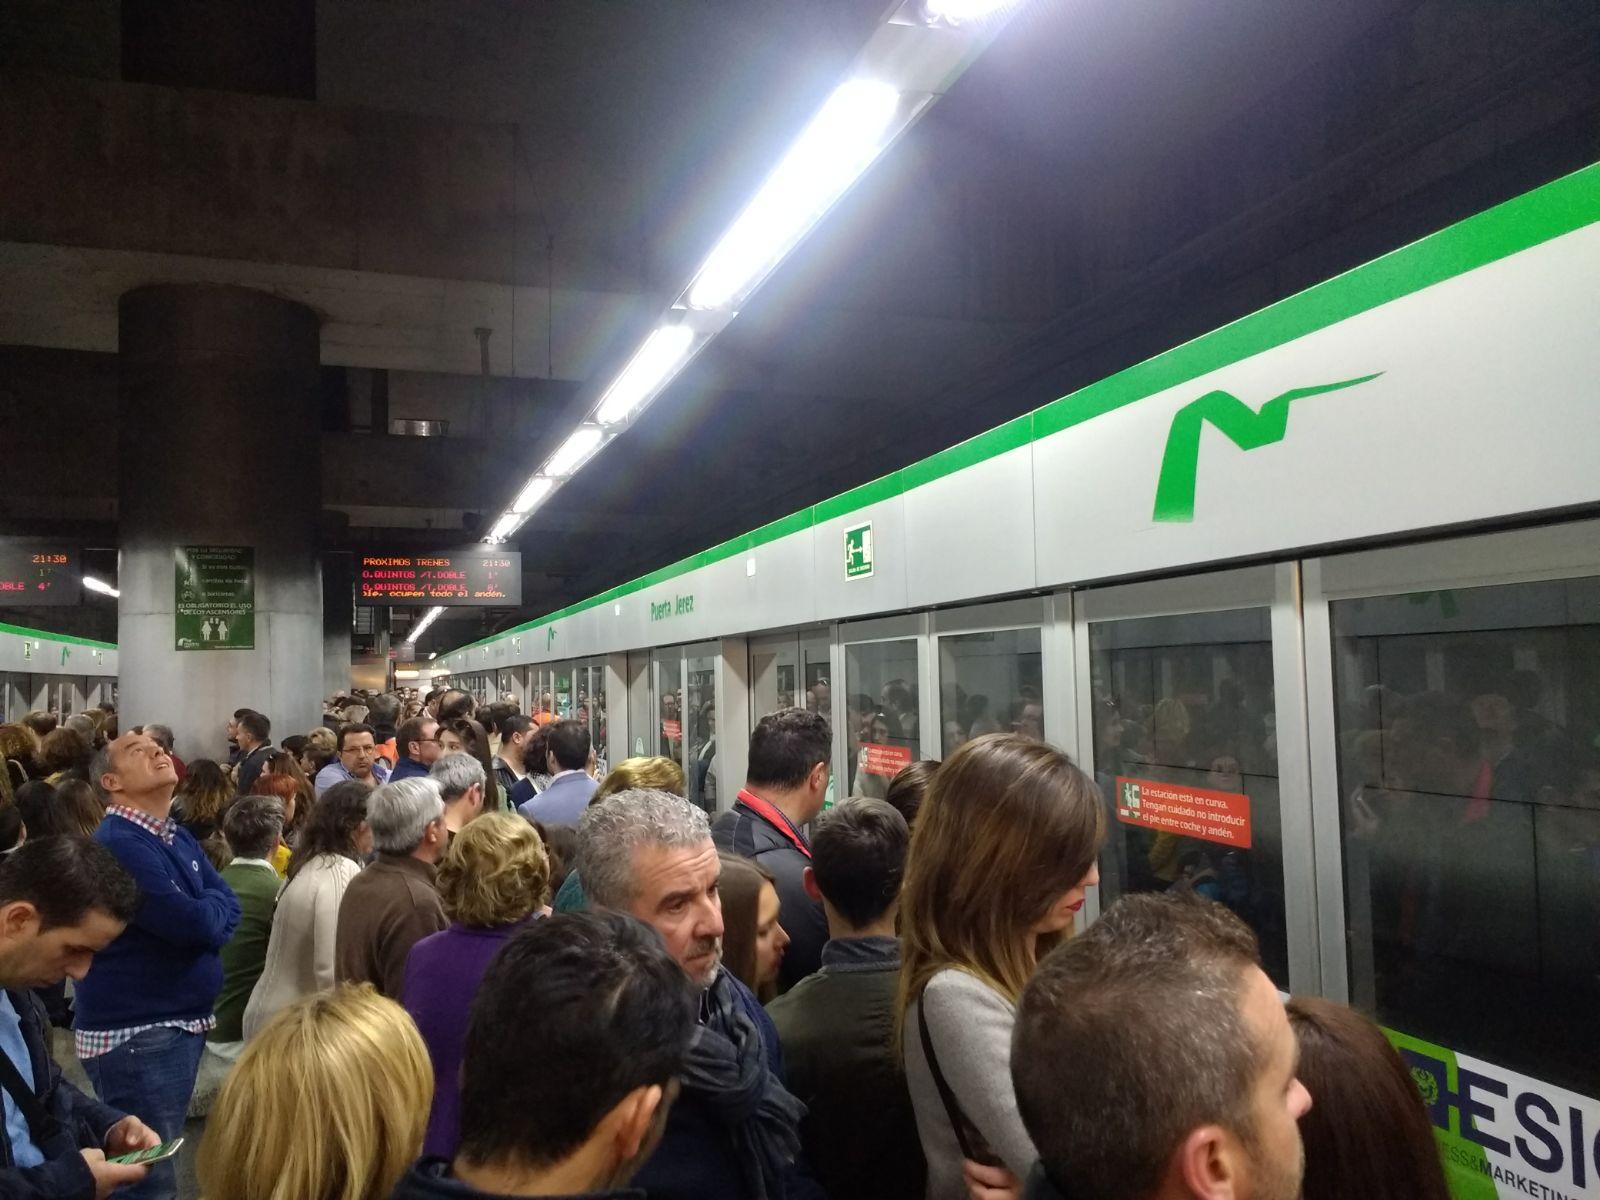 Puerta Jerez lidera la distribución de la demanda de la Línea 1 por estaciones